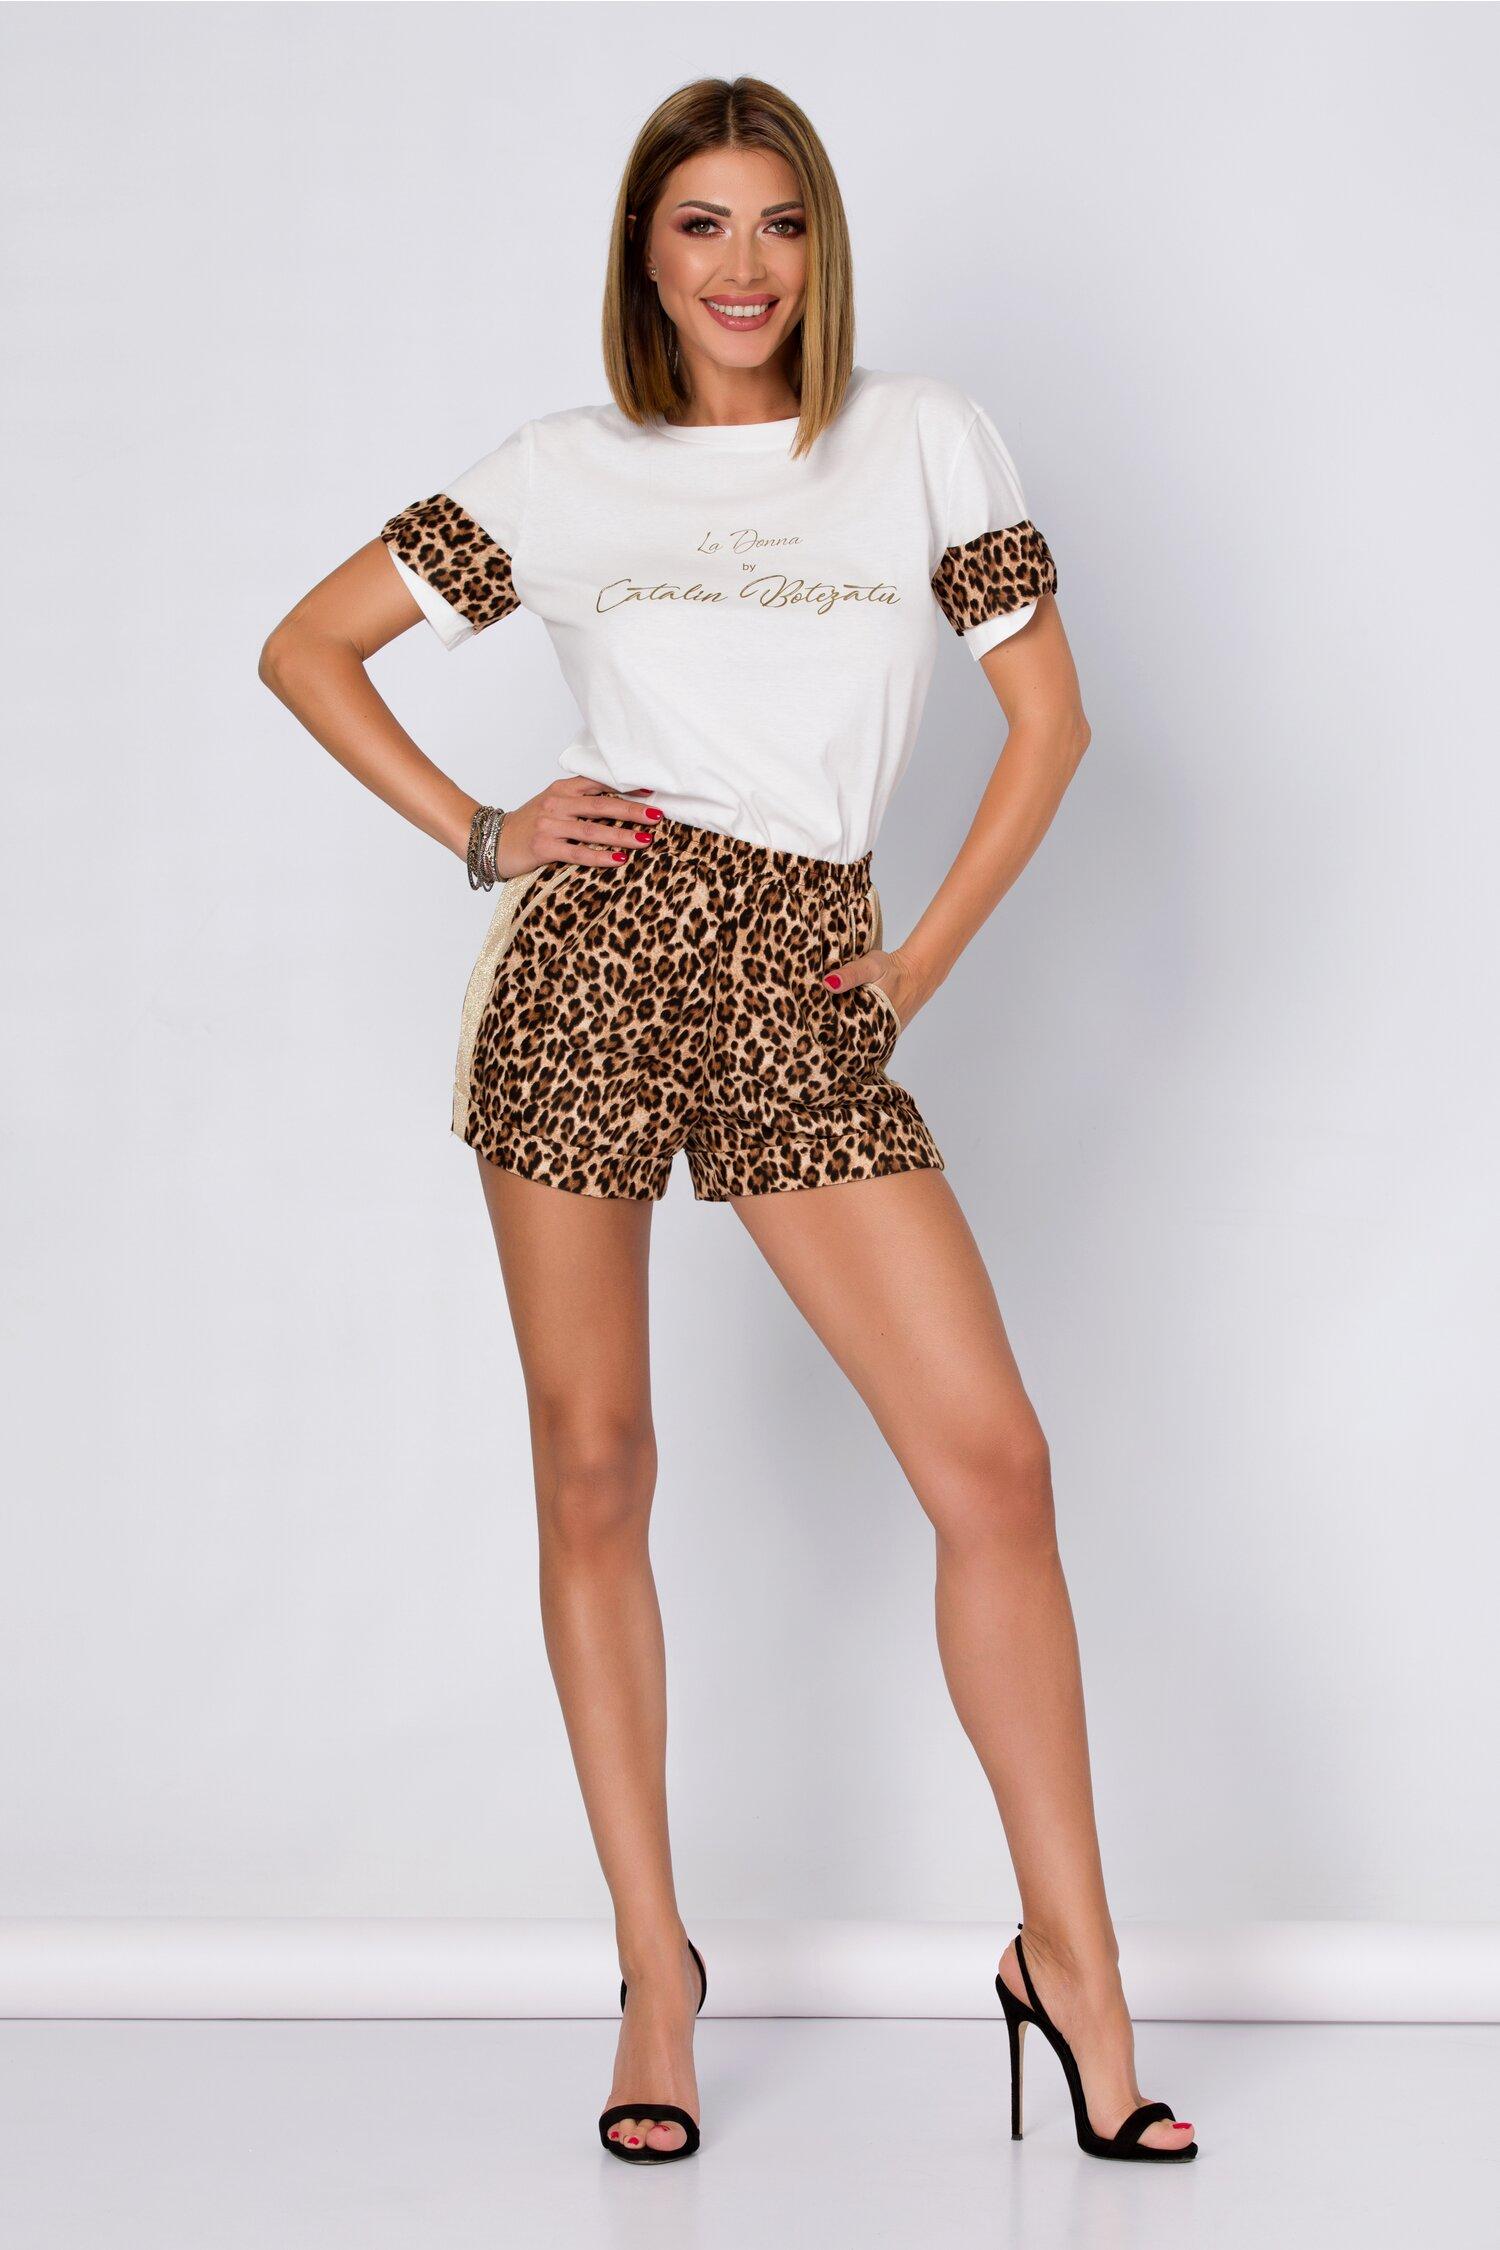 Compleu LaDonna by Catalin Botezatu cu tricou alb si pantaloni scurti animal print